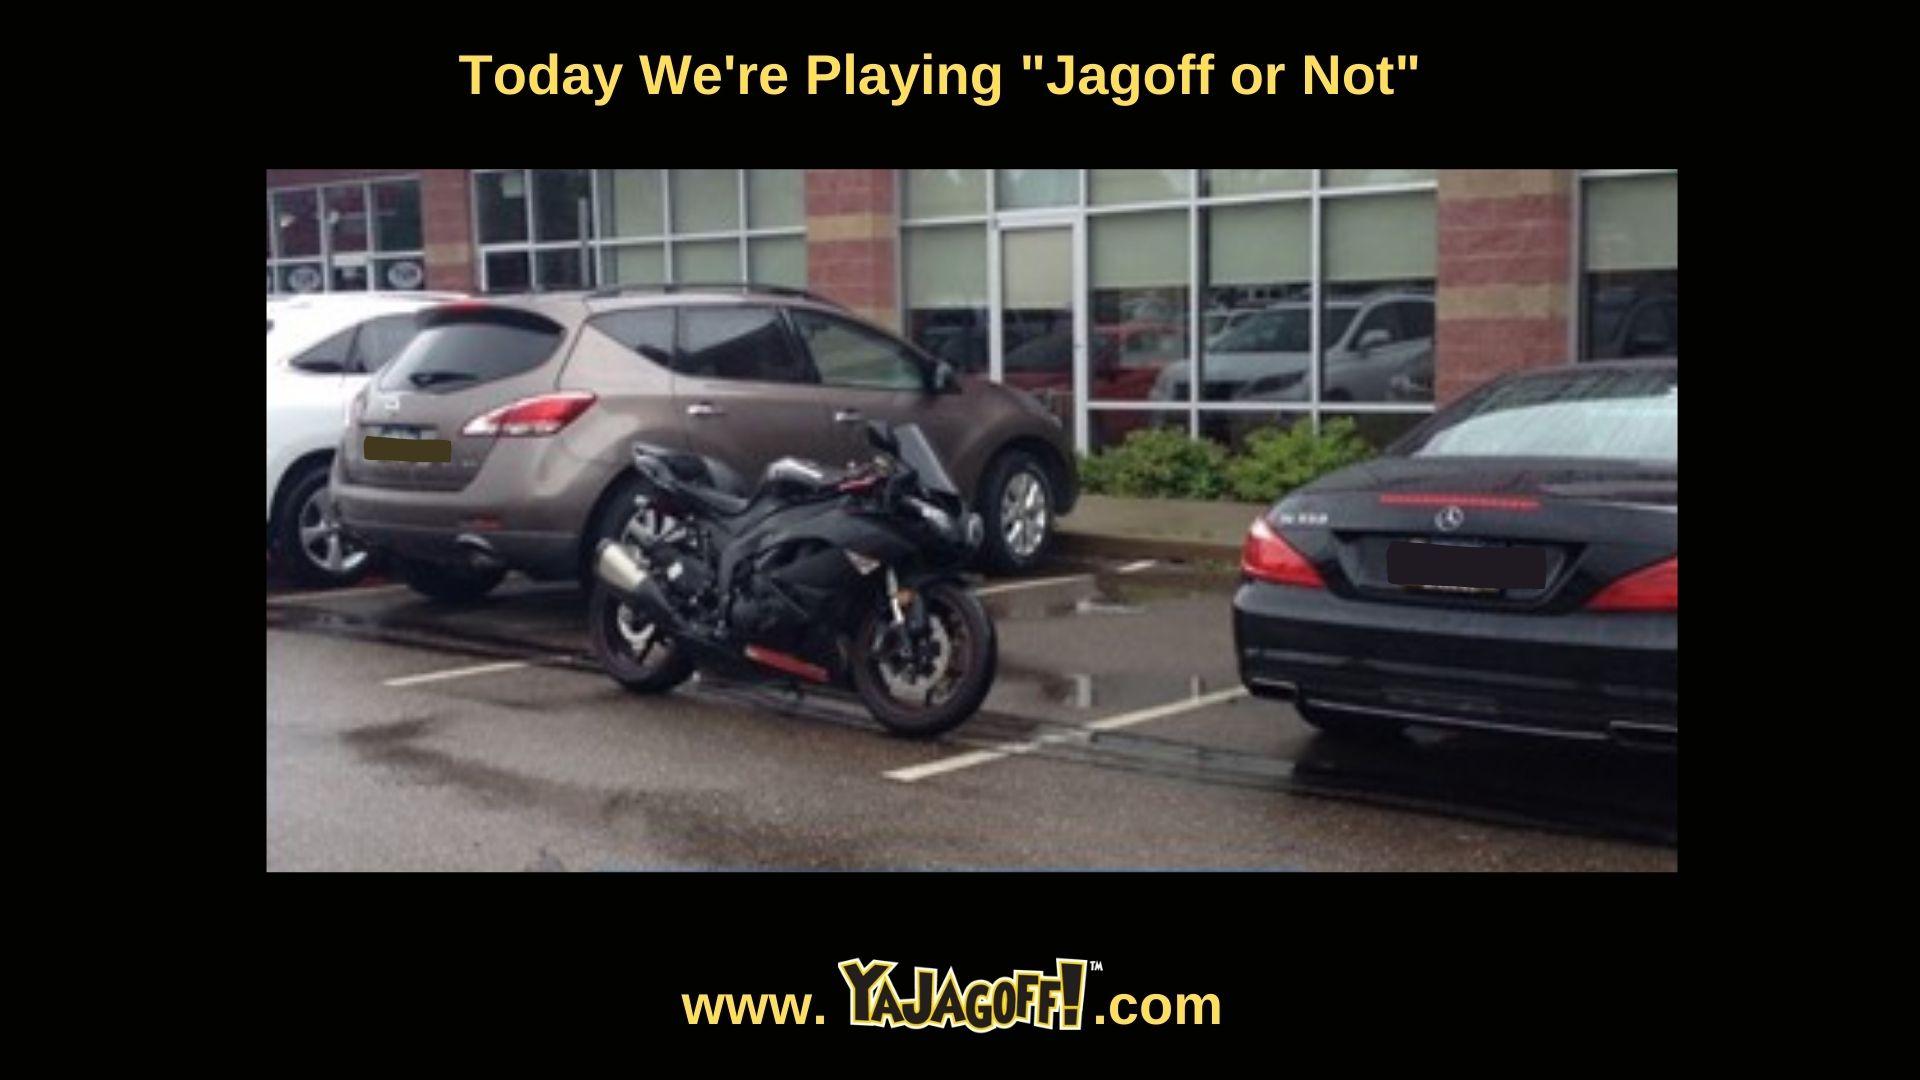 Jagoff Motorcycle rider